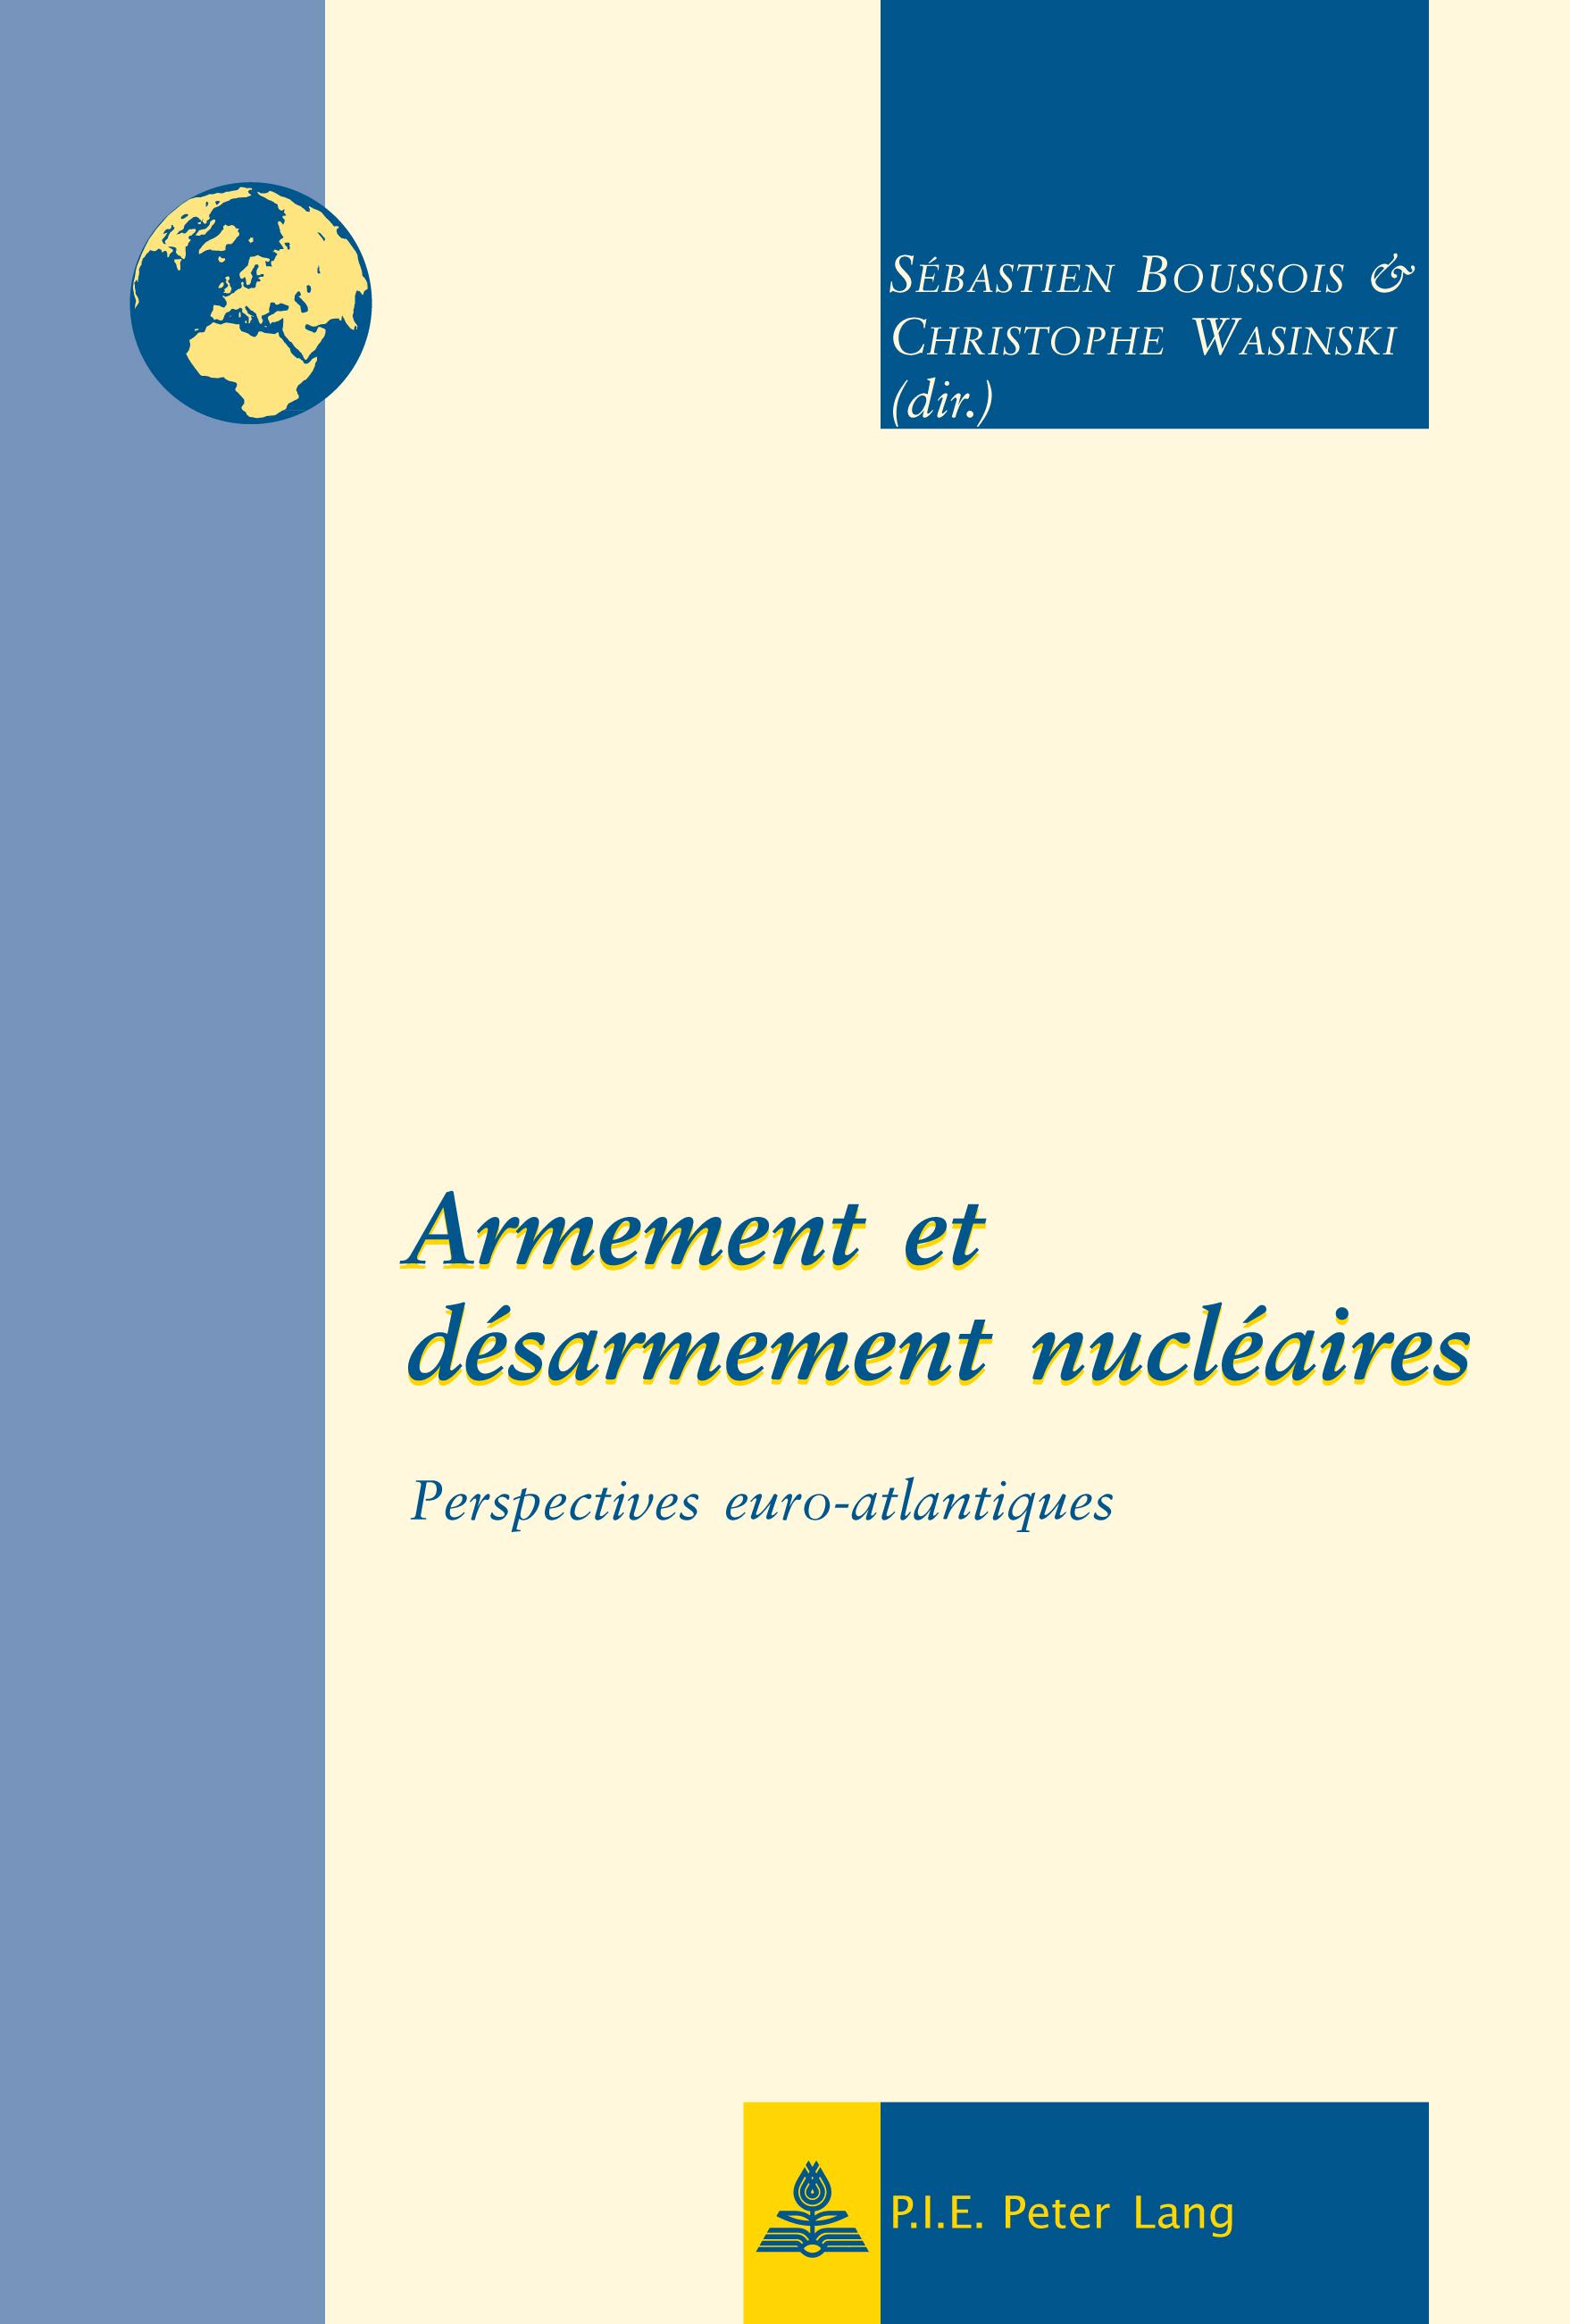 ARMEMENT ET DESARMEMENT NUCLEAIRES - PERSPECTIVES EURO-ATLANTIQUES